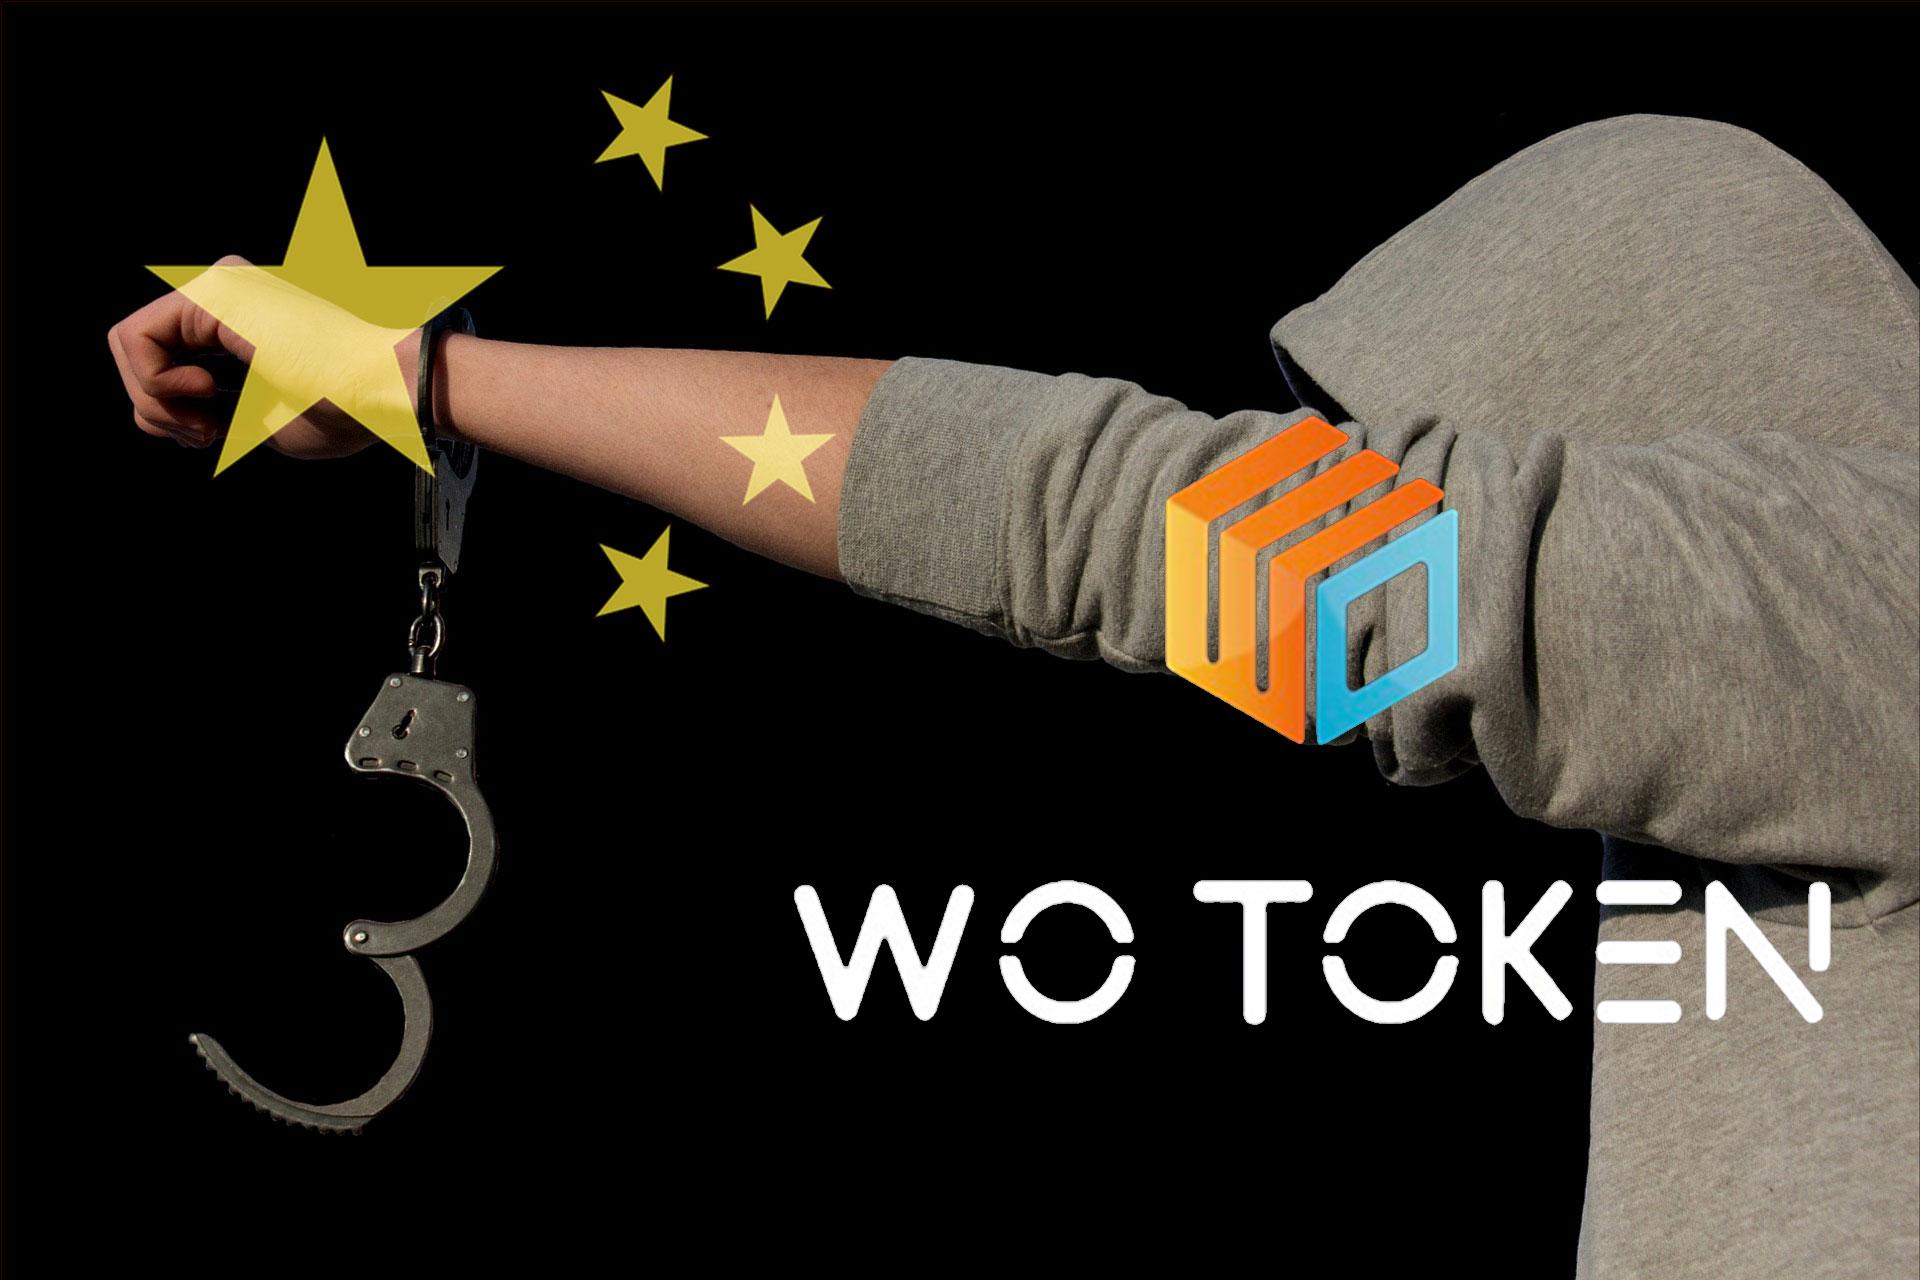 WoToken、主犯格を含むプロジェクト関係者ら6人逮捕!被害総額は約1070億円